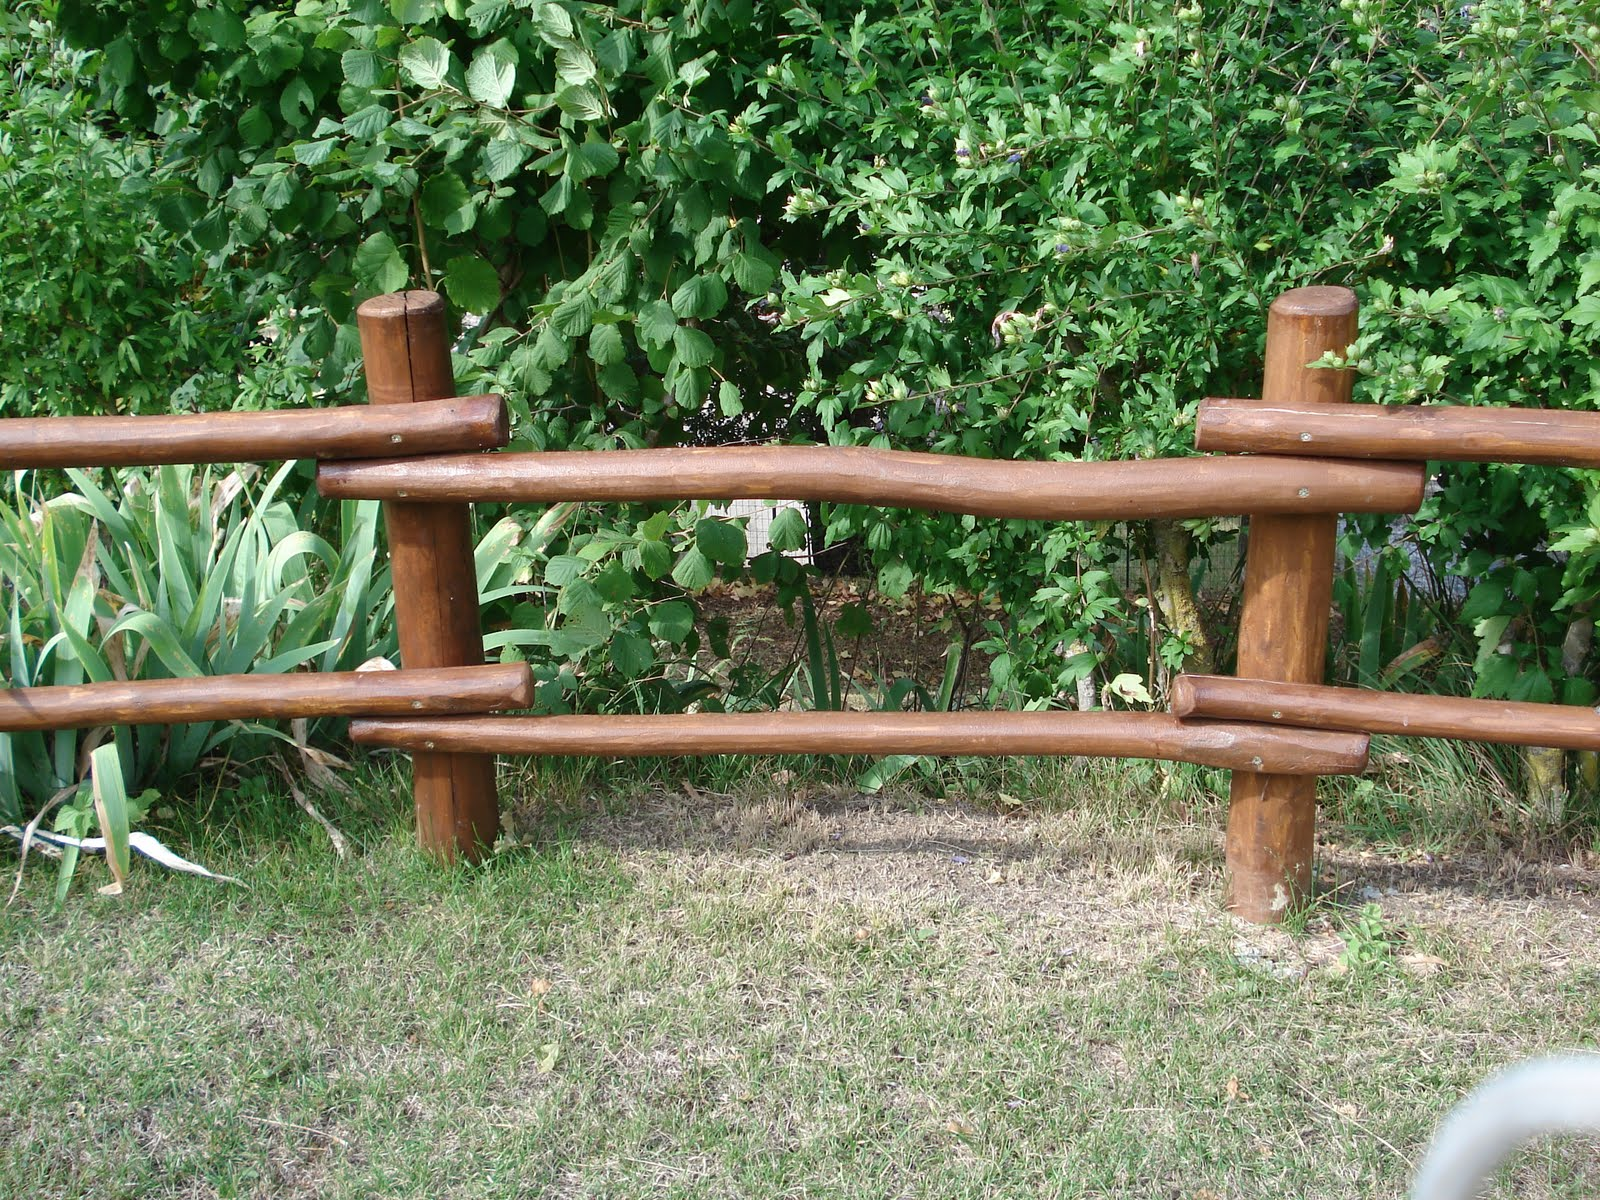 Lavori in legno per esterno recinzioni da esterno - Recinti in legno da giardino ...